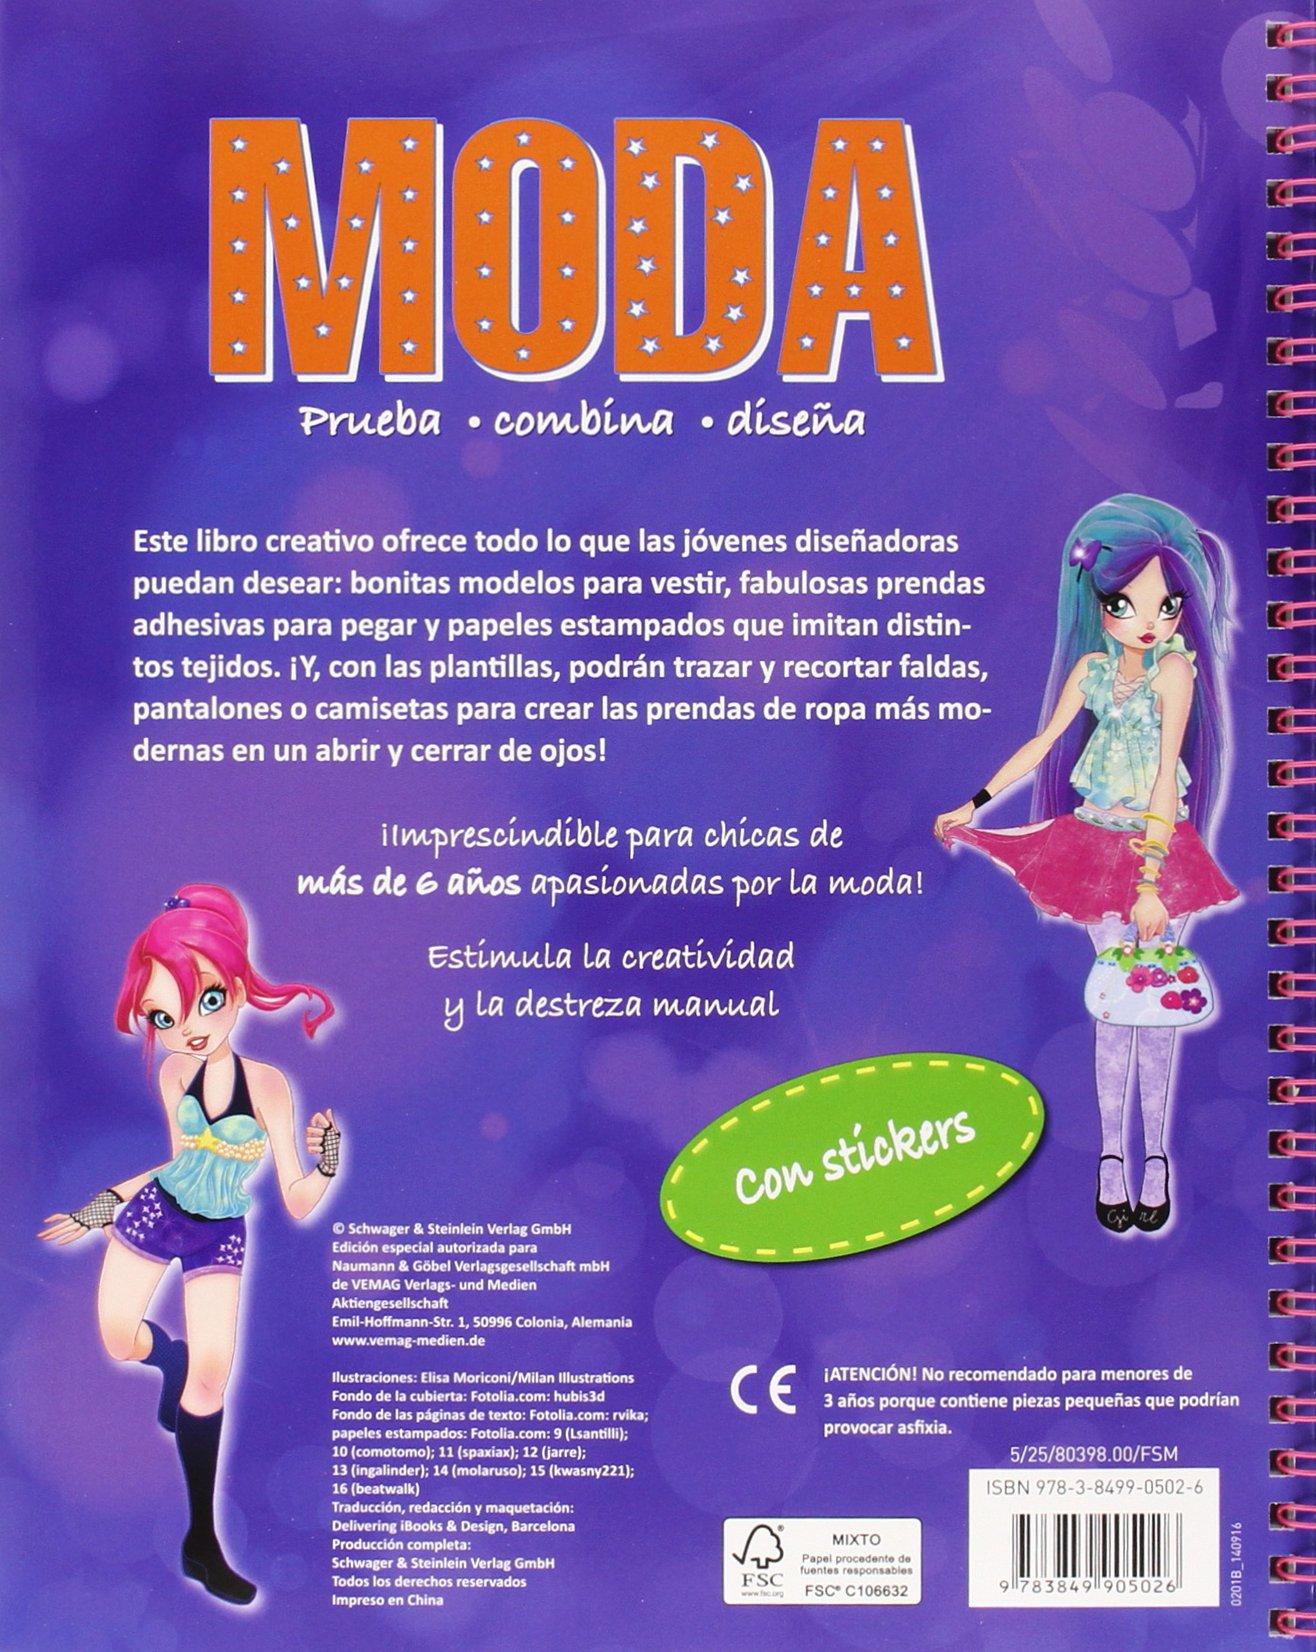 MODA ESTILO DISCO MODA 8398 NGV: VV.AA.: 9783849905026: Amazon.com ...